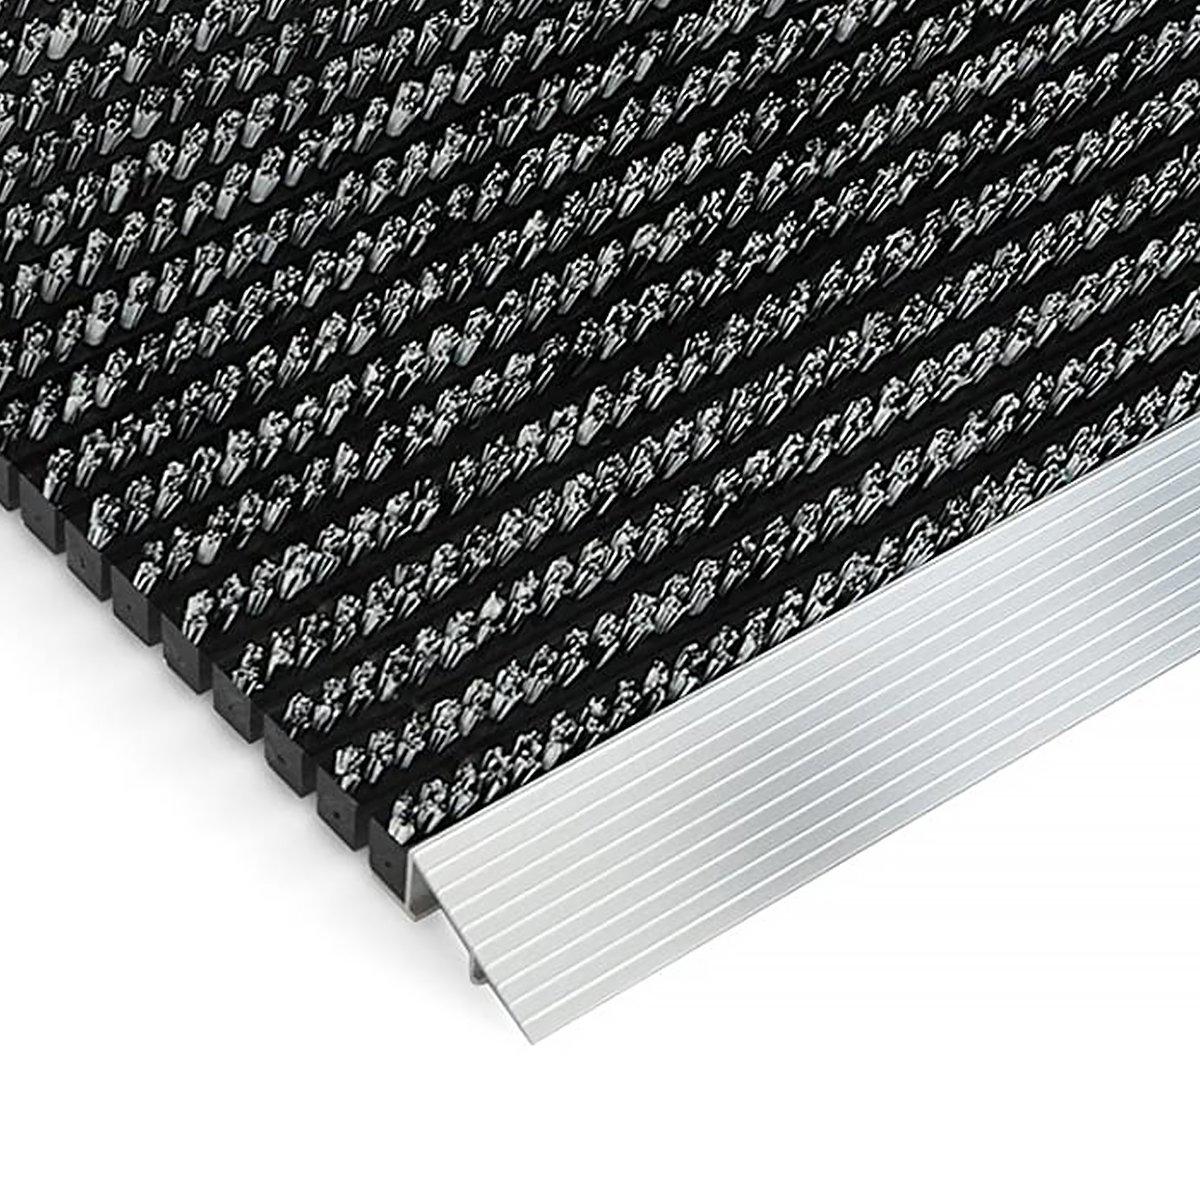 Fußabtreter / Hochleistungsmatte 50x80cm